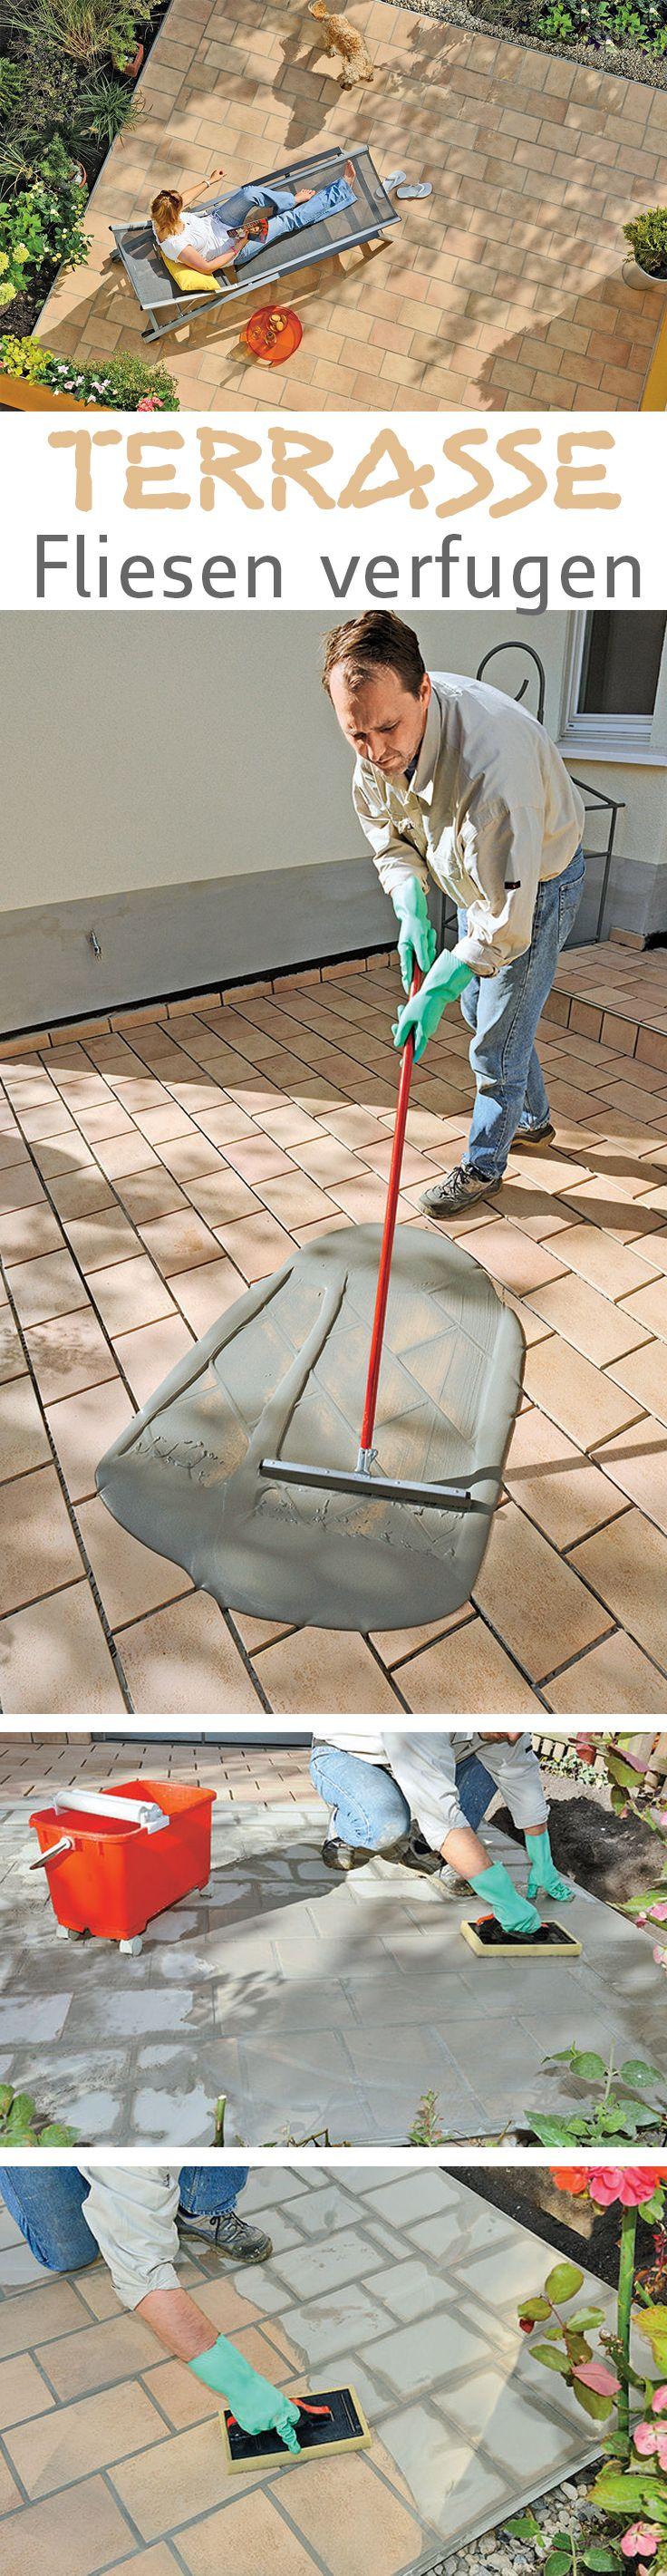 Nach dem Verlegen der Fliesen ist der nächste Schritt das Verfugen. Wir zeigen Schritt für Schritt, wie du die Fliesen für deine Terrasse selbst verfugen kannst.